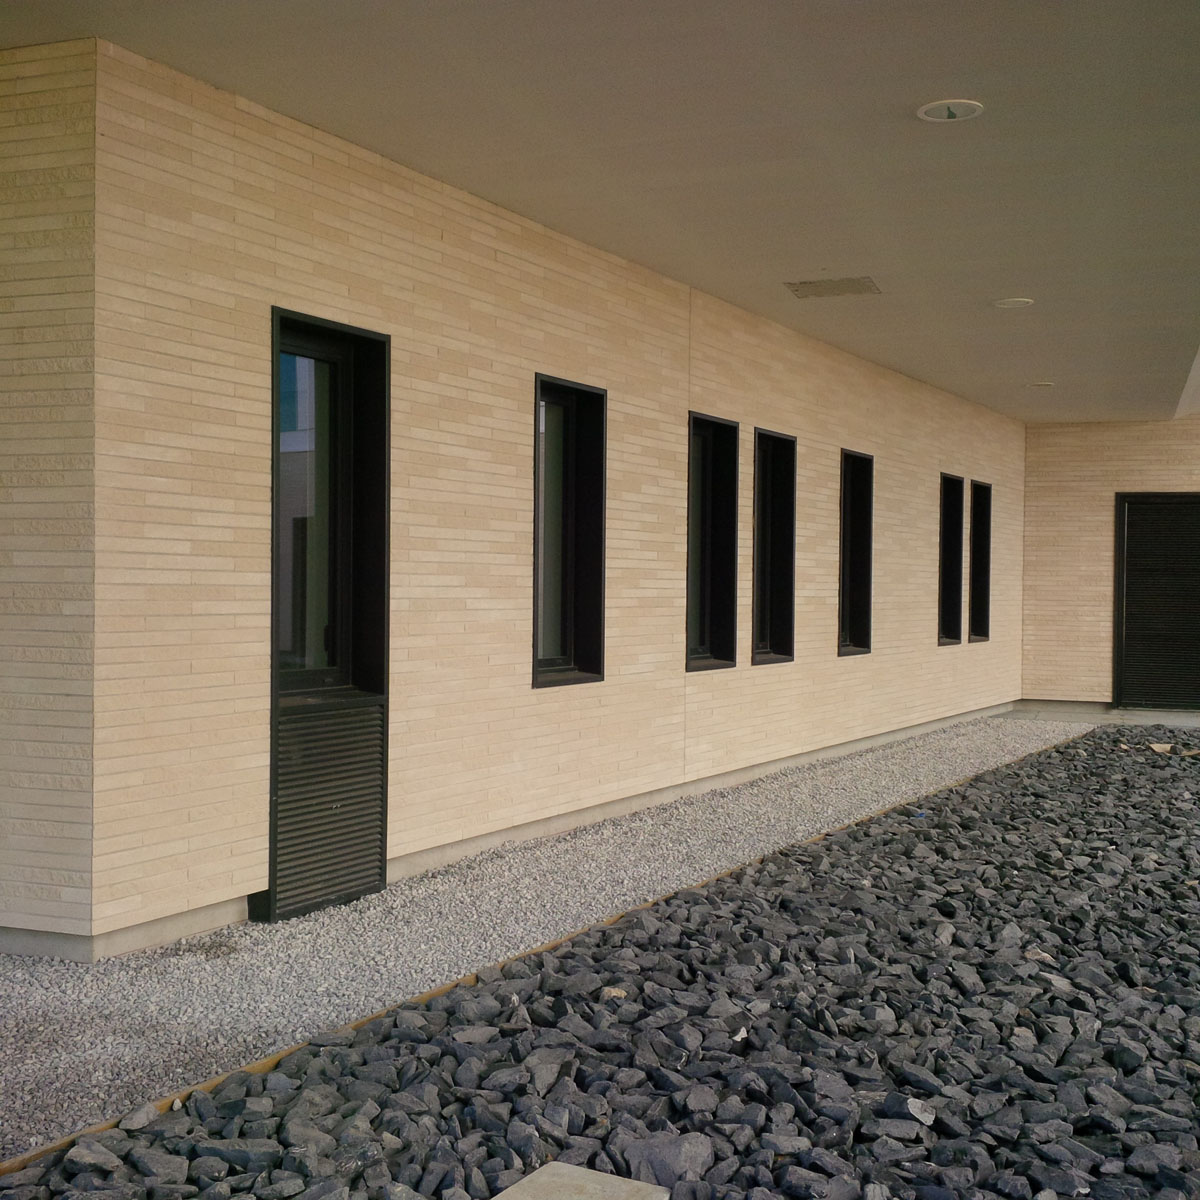 Mur parement brique for Briquette de facade prix